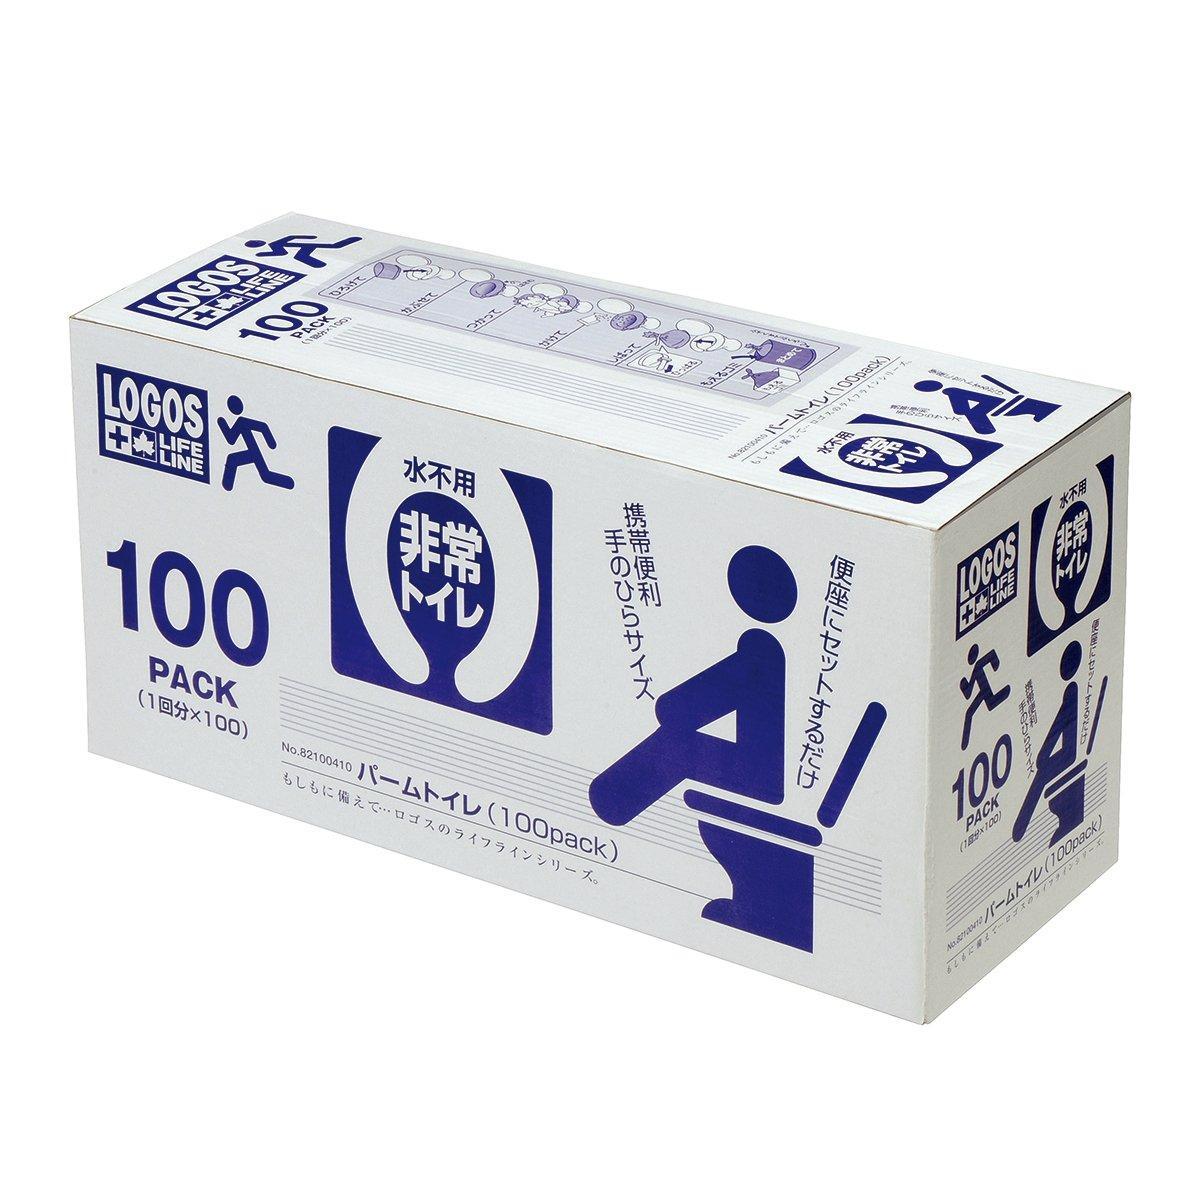 ロゴスコーポレーション LLL パームトイレ(100pcs)  82100410【smtb-s】